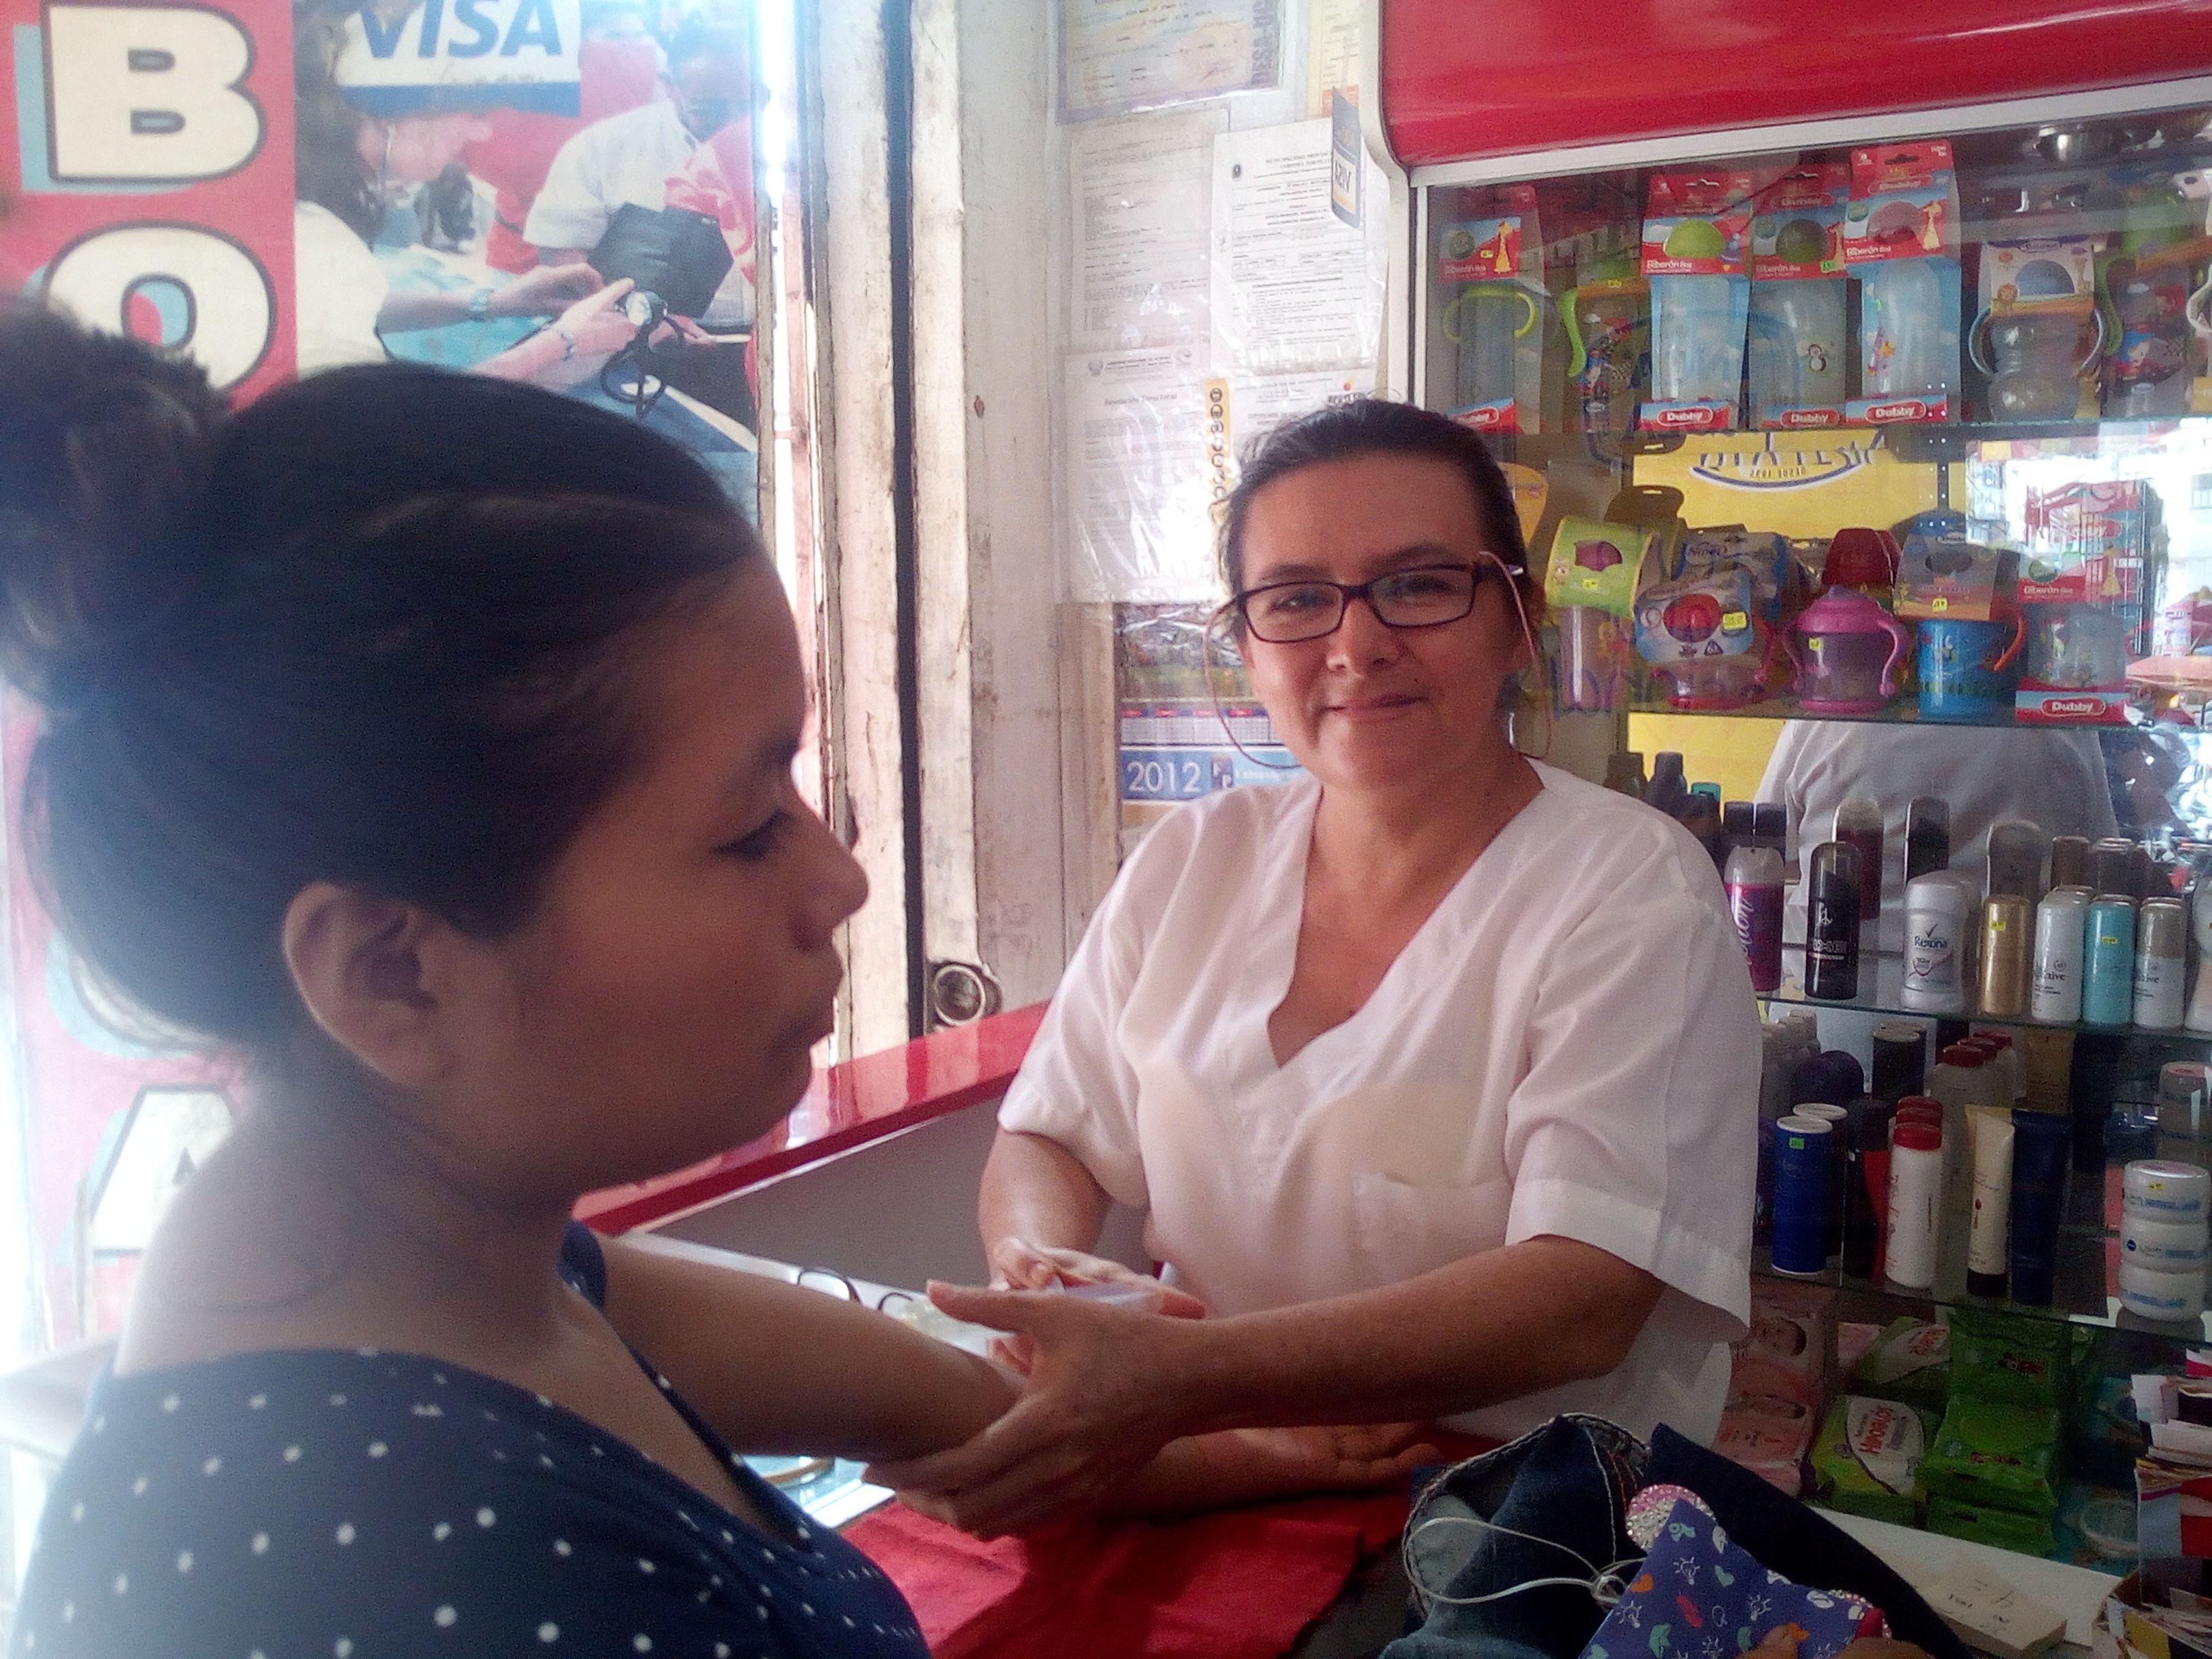 Boticas y farmacias de turno en pucallpa botica de turno maria del rosario - Farmacia guardia puerto del rosario ...